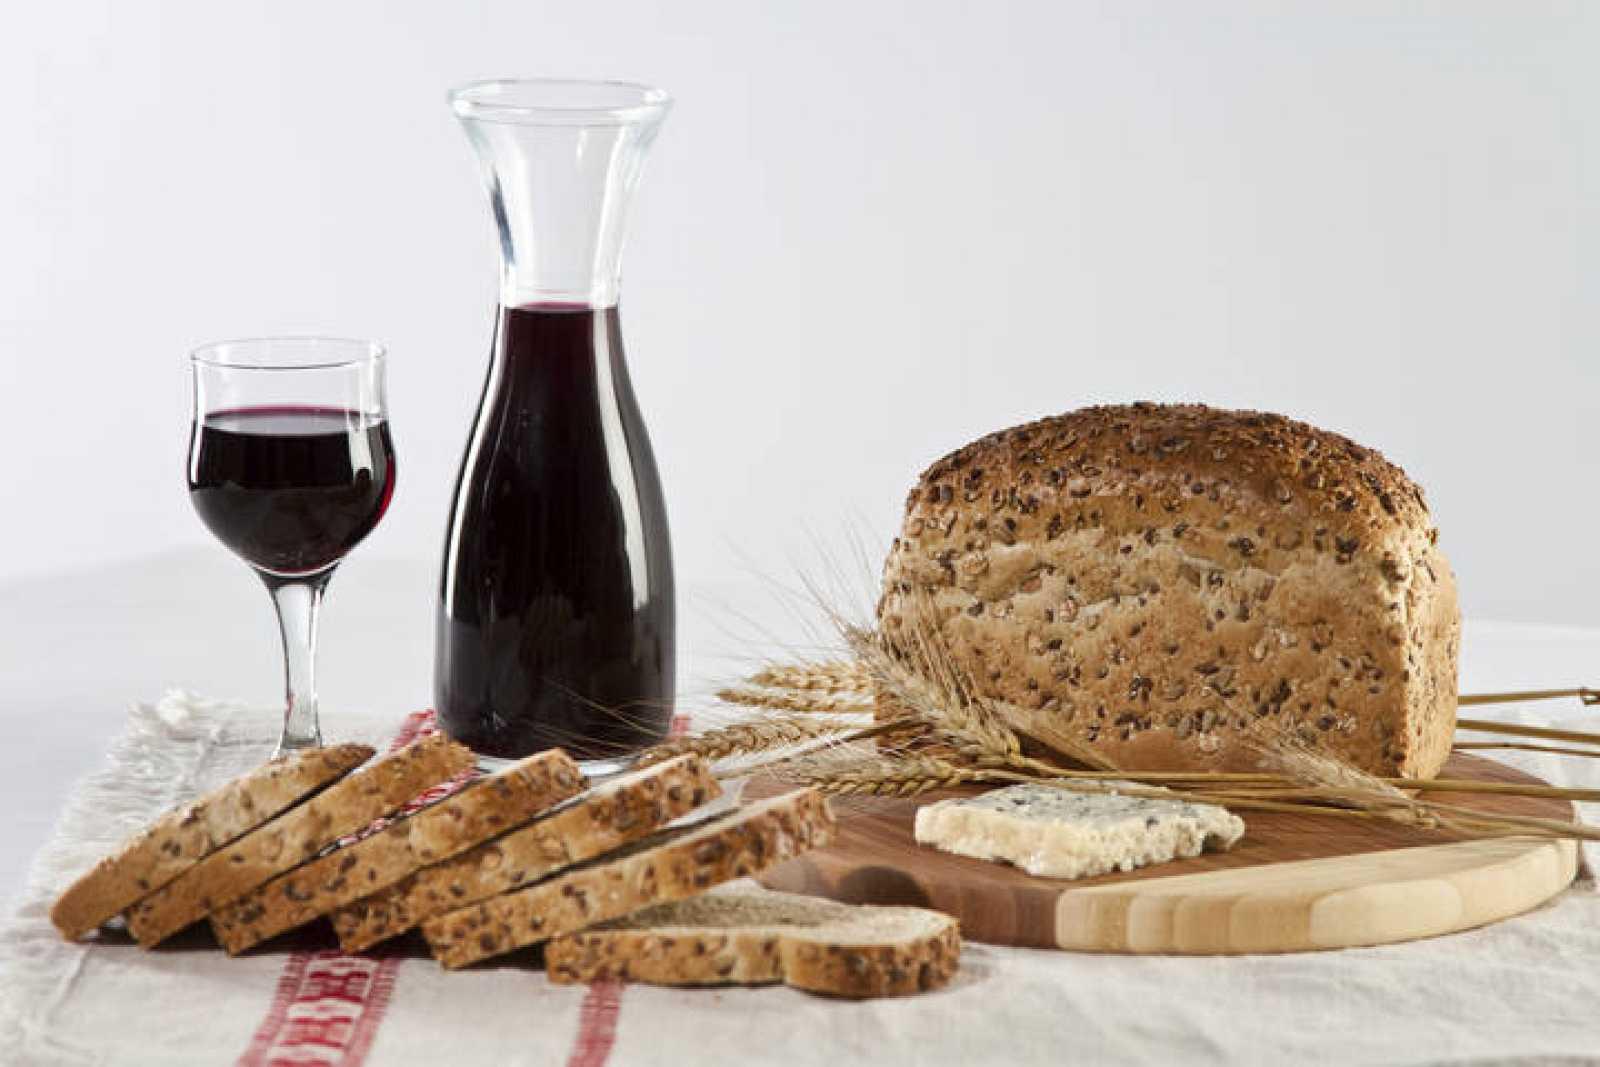 El vino tinto y las semillas contienen polifenoles, que se creen beneficiosos para prevenir riesgos para la salud.